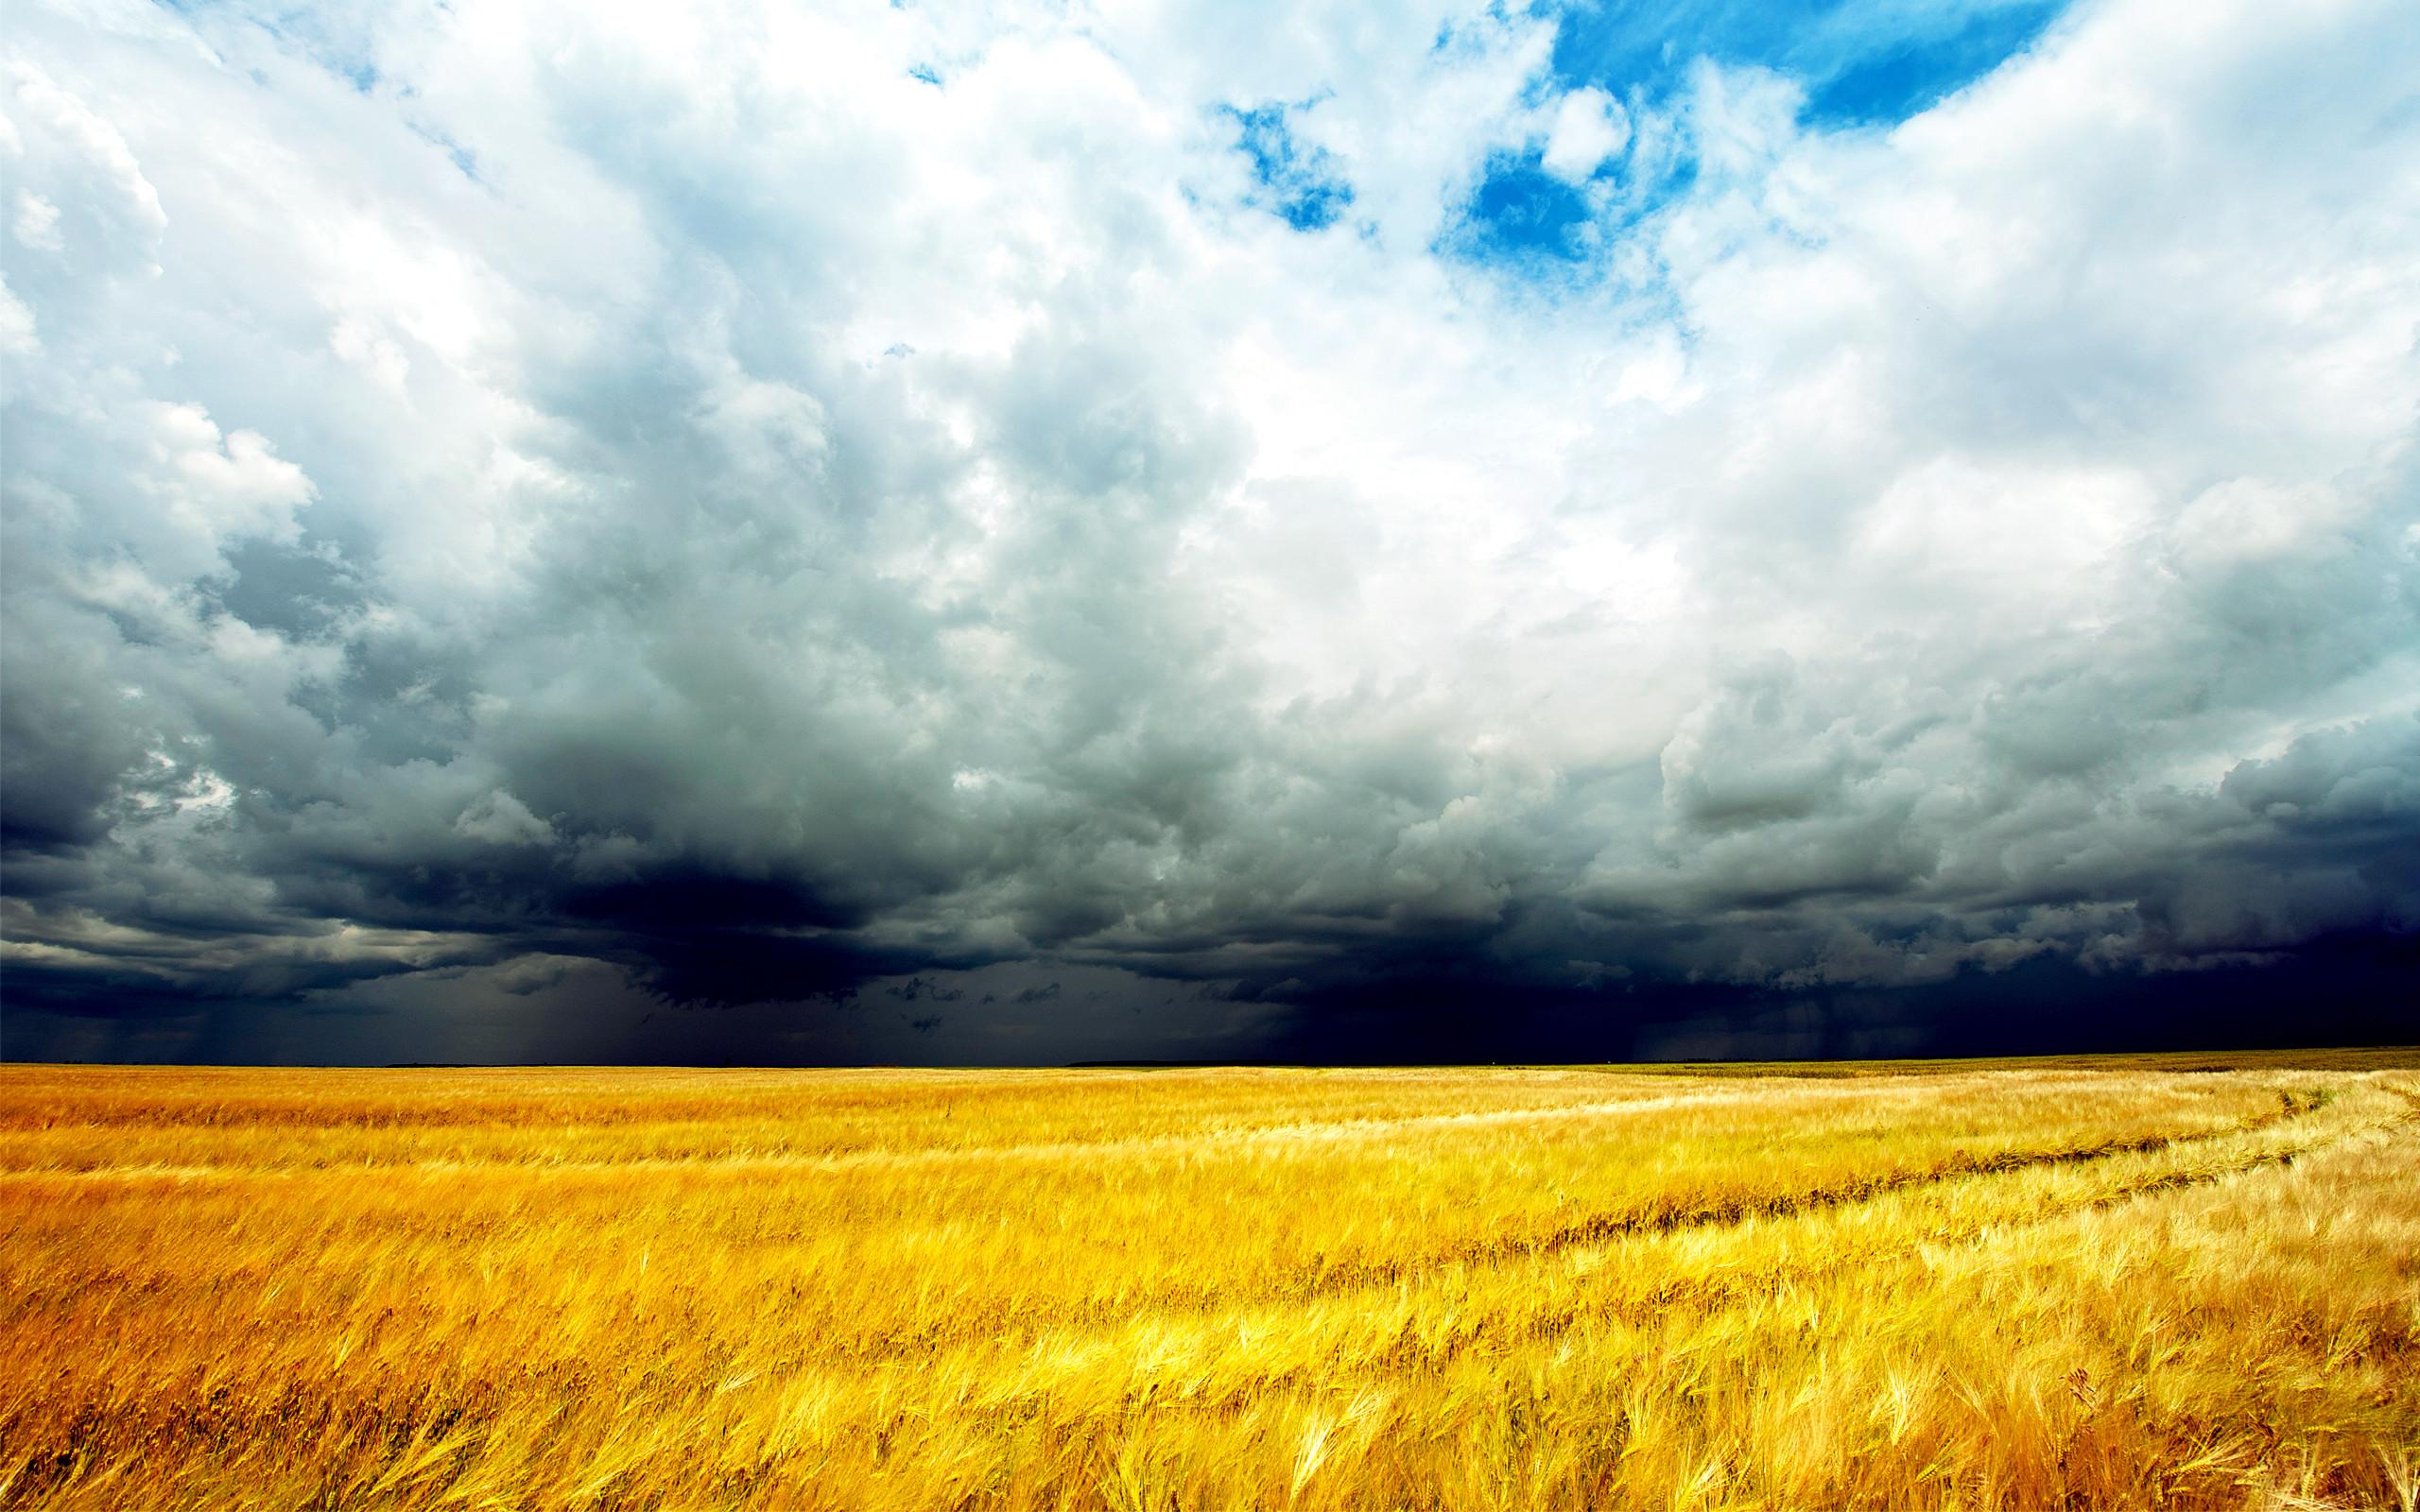 storm clouds hd wallpaper – https://69hdwallpapers.com/storm-clouds